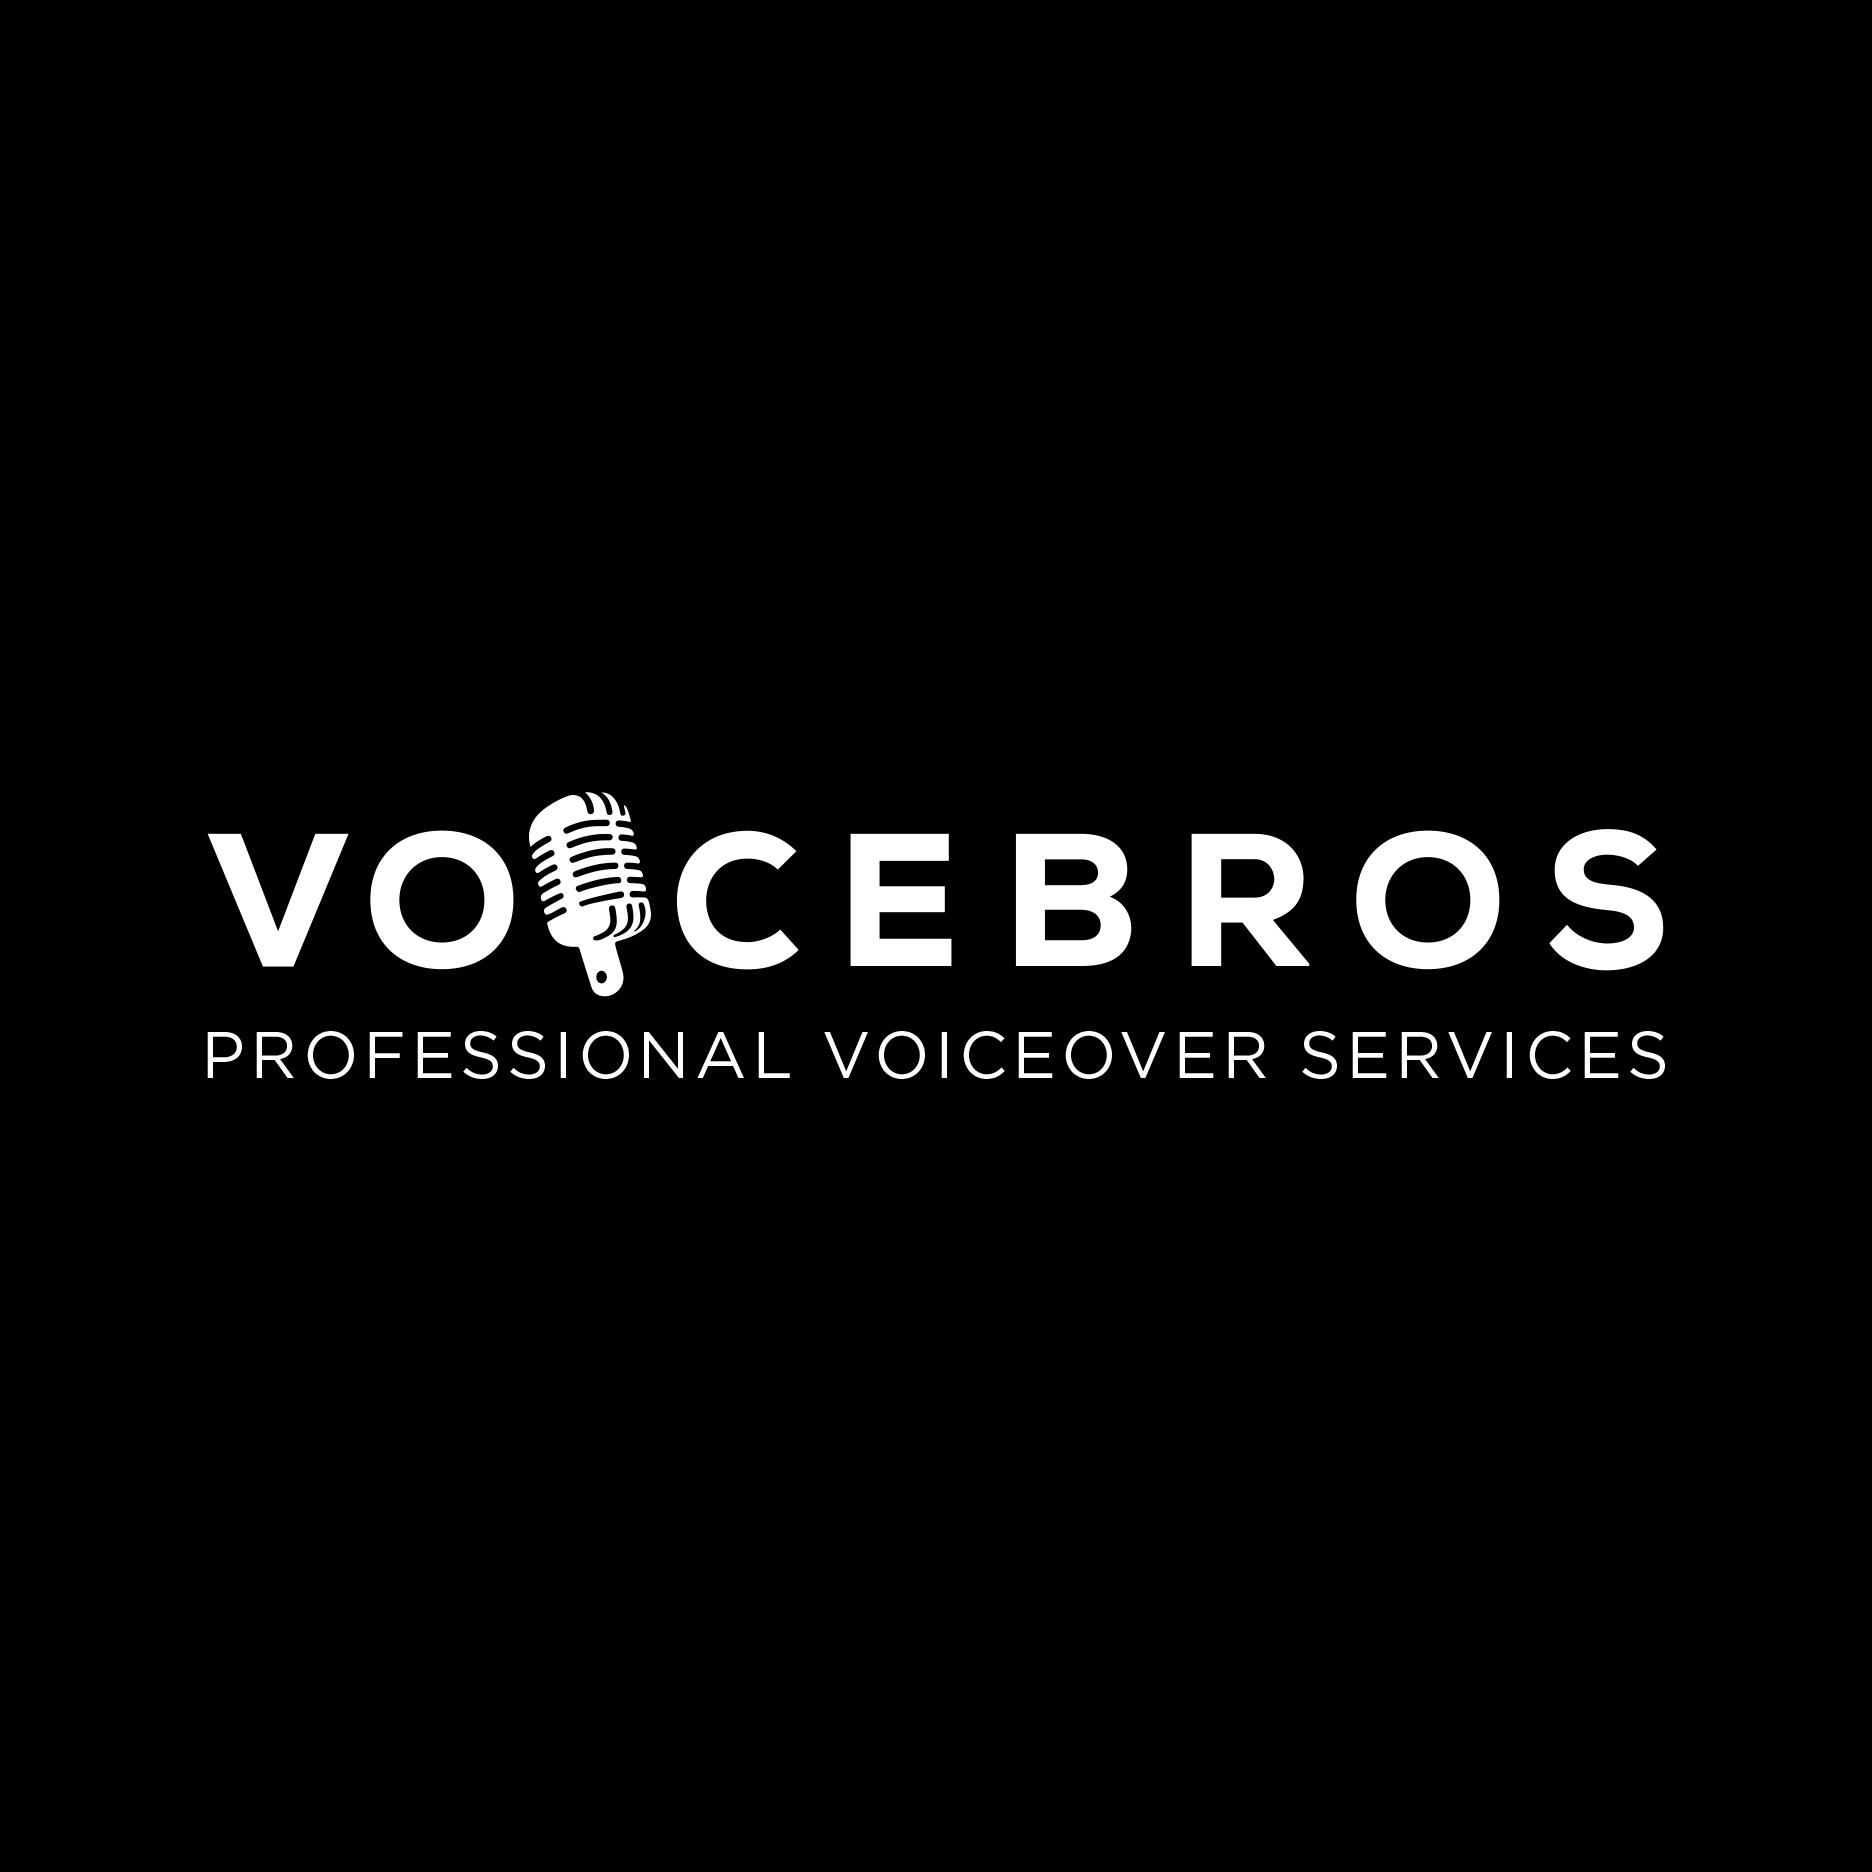 Aixa Kay - عائشة كاي is a voice over actor